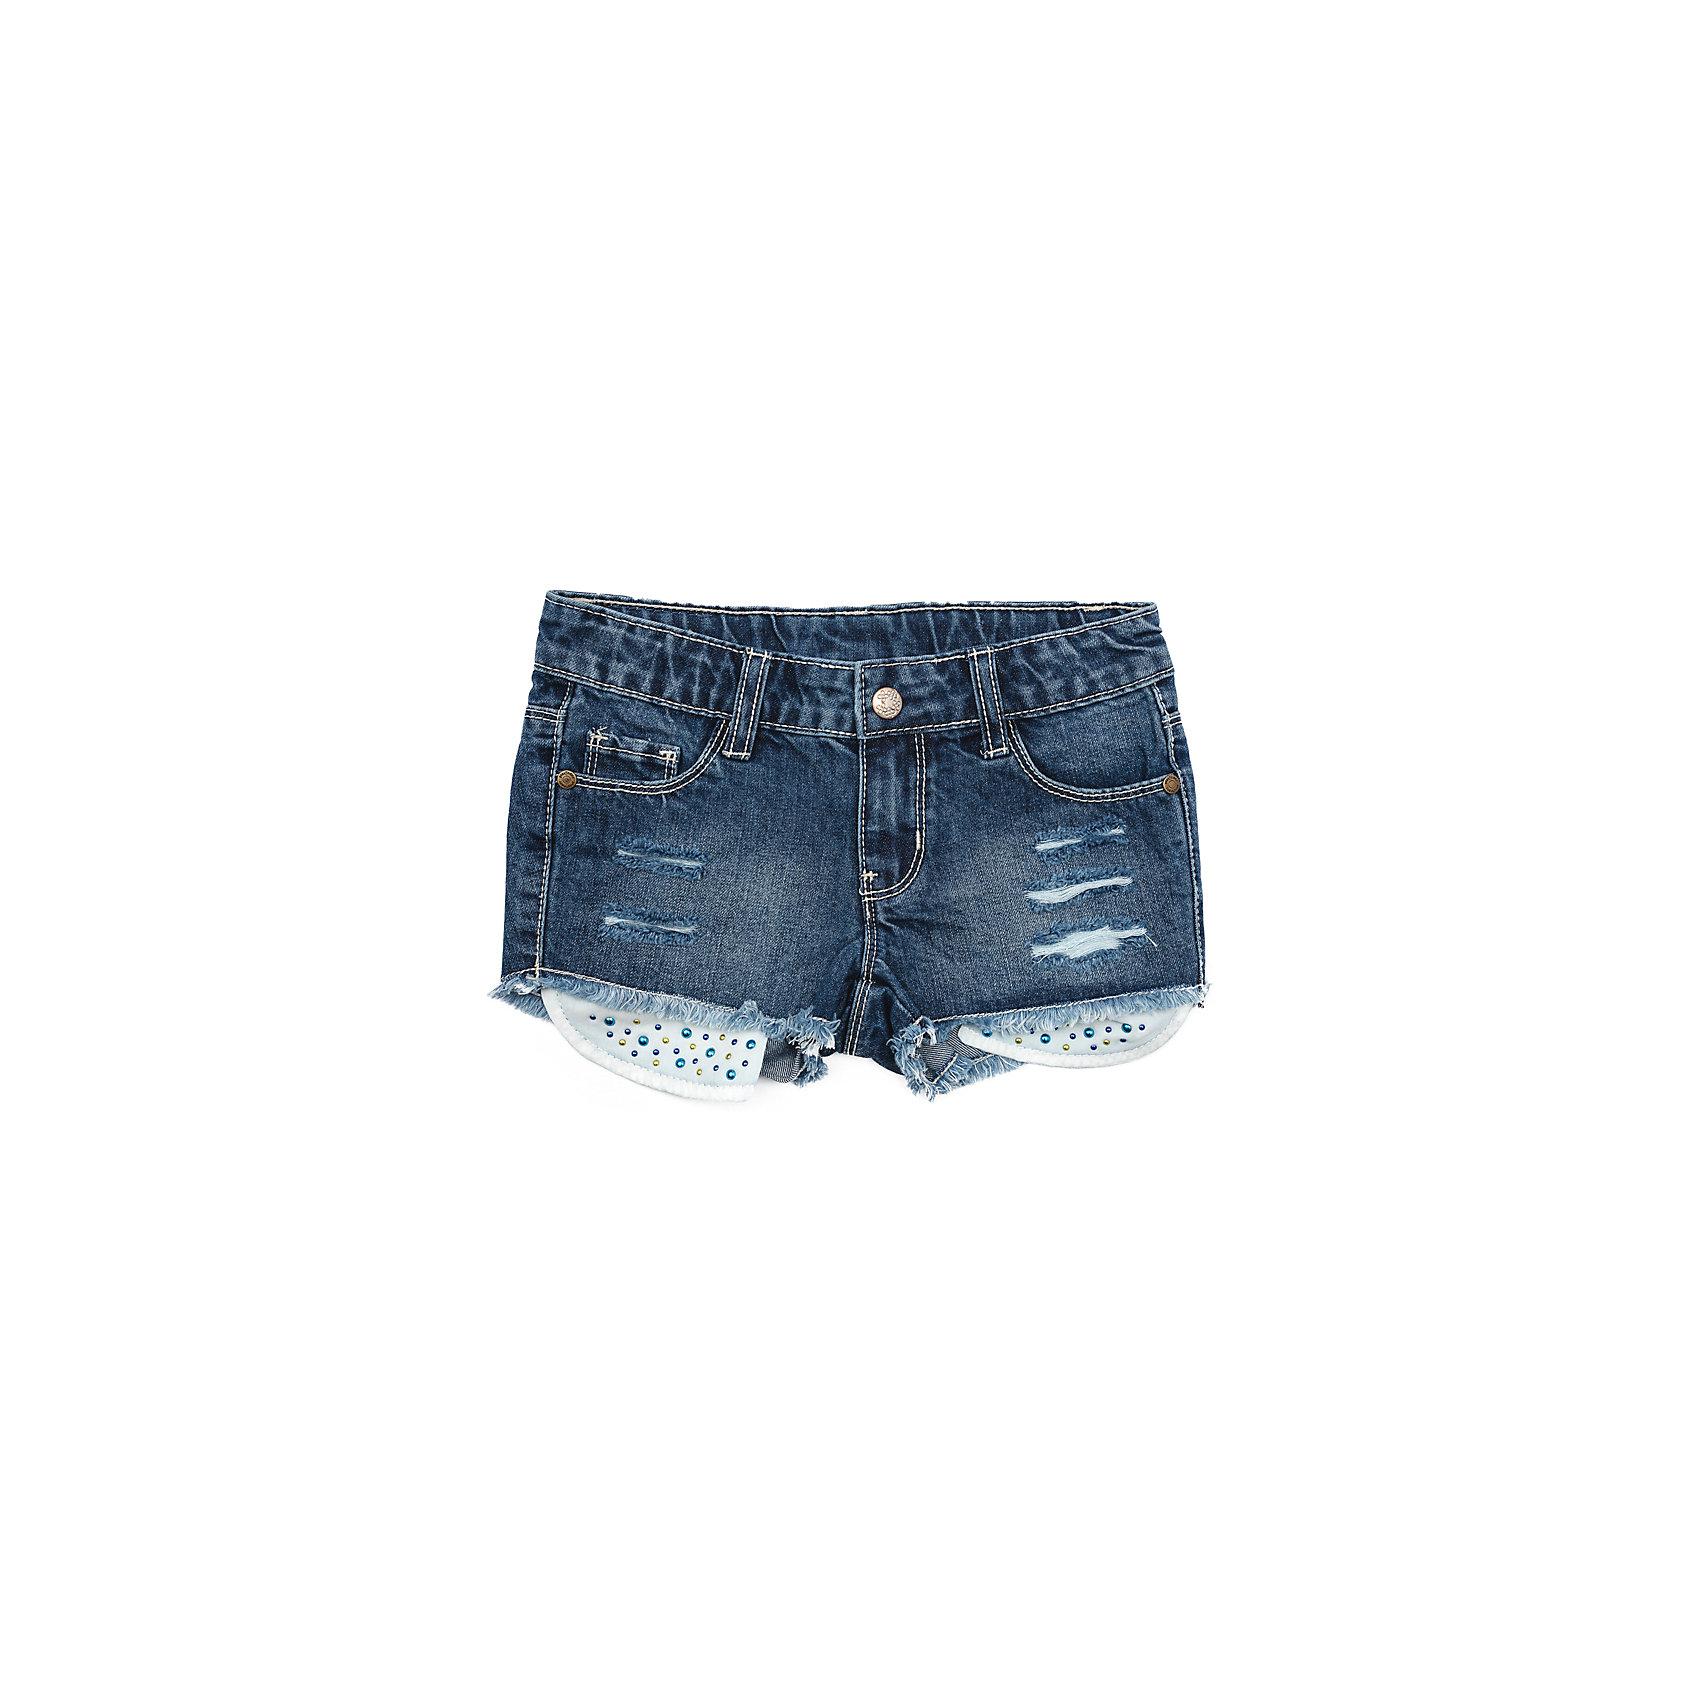 Шорты для девочки PlayTodayШорты для девочки PlayToday<br>Модные, с прорезями, эффектные джинсовые шорты будут прекрасным дополнением к детскому гардеробу. Выполнены из натурального хлопка, с выпускными карманами, декорированными яркими стразами. Модель на шлевках, можно использовать ремень для удобства посадки шорт по фигуре <br><br>Преимущества: <br><br>Мягкая ткань не сковывает движений ребенка<br>Материал приятен к телу и не вызывает раздражений<br>Декорированы яркими стразами<br><br>Состав:<br>100% хлопок<br><br>Ширина мм: 191<br>Глубина мм: 10<br>Высота мм: 175<br>Вес г: 273<br>Цвет: синий<br>Возраст от месяцев: 84<br>Возраст до месяцев: 96<br>Пол: Женский<br>Возраст: Детский<br>Размер: 128,98,104,110,116,122<br>SKU: 5404258